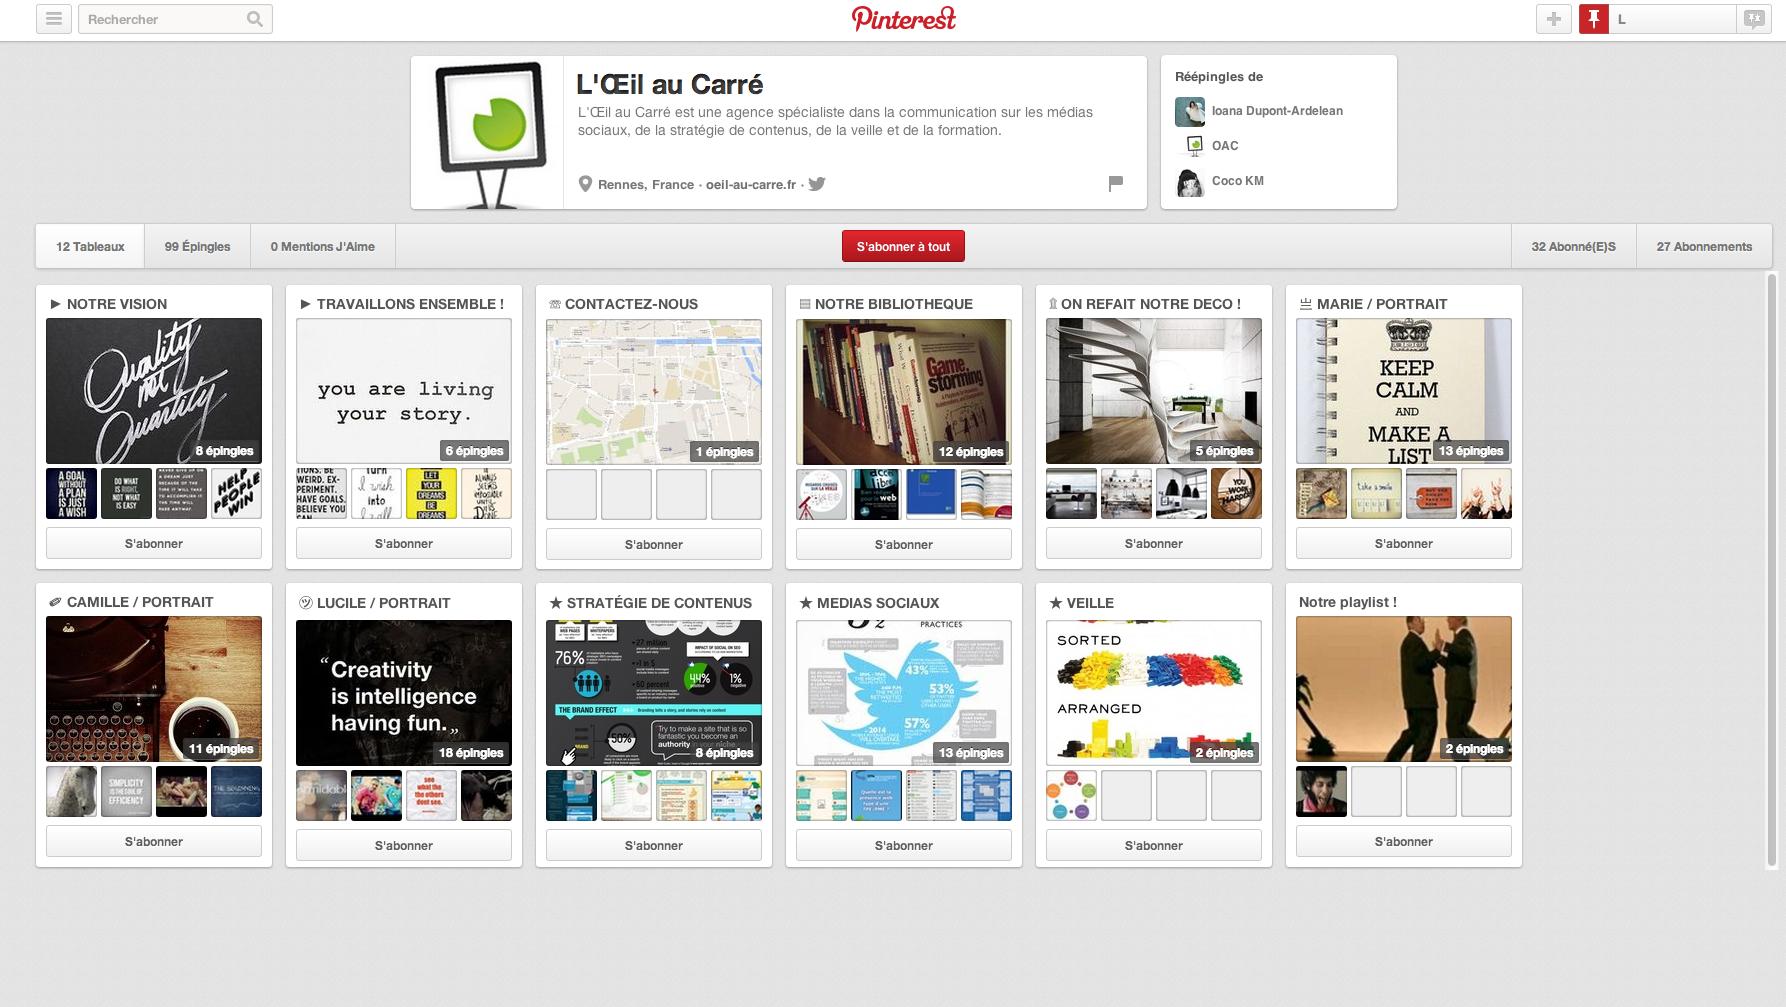 Capture écran du Pinterest de l'Oeil au carré